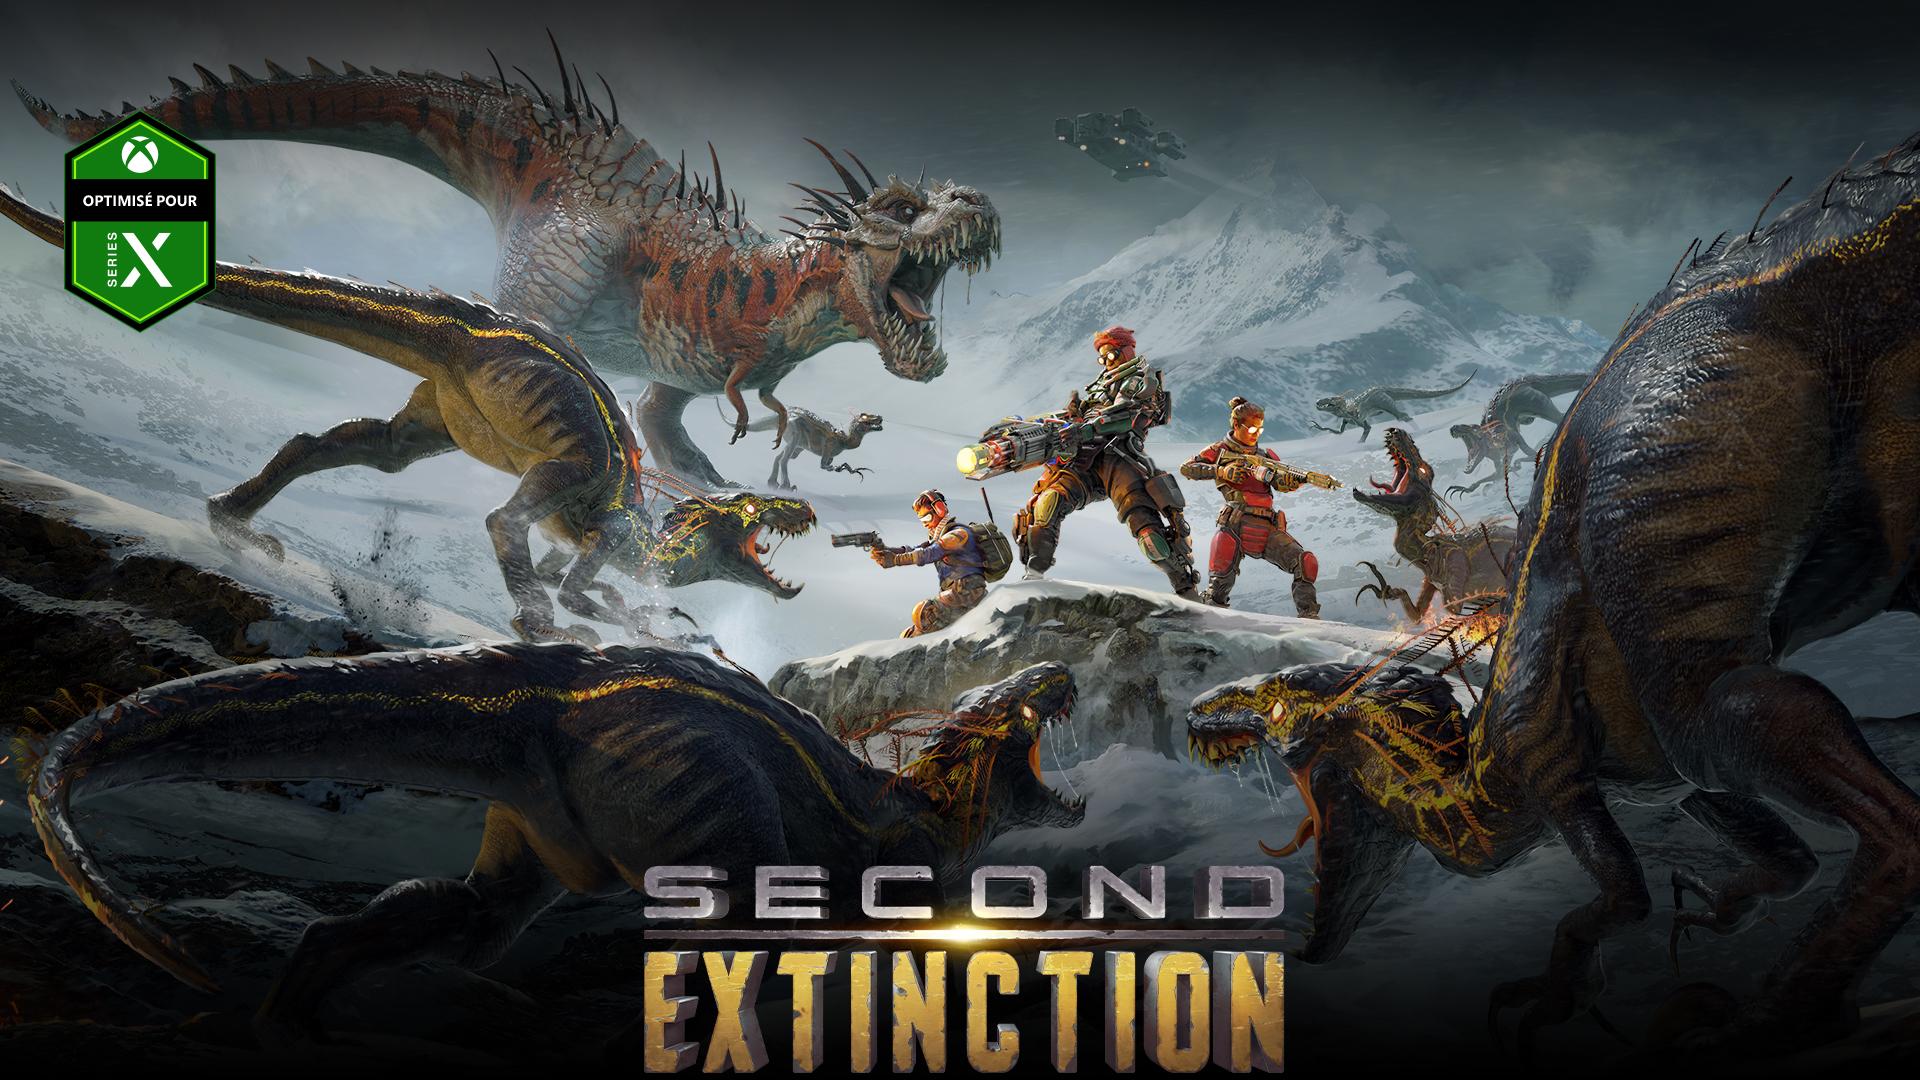 Second Extinction, optimisé pour Series X - Un groupe de personnages se heurte à un groupe de dinosaures.